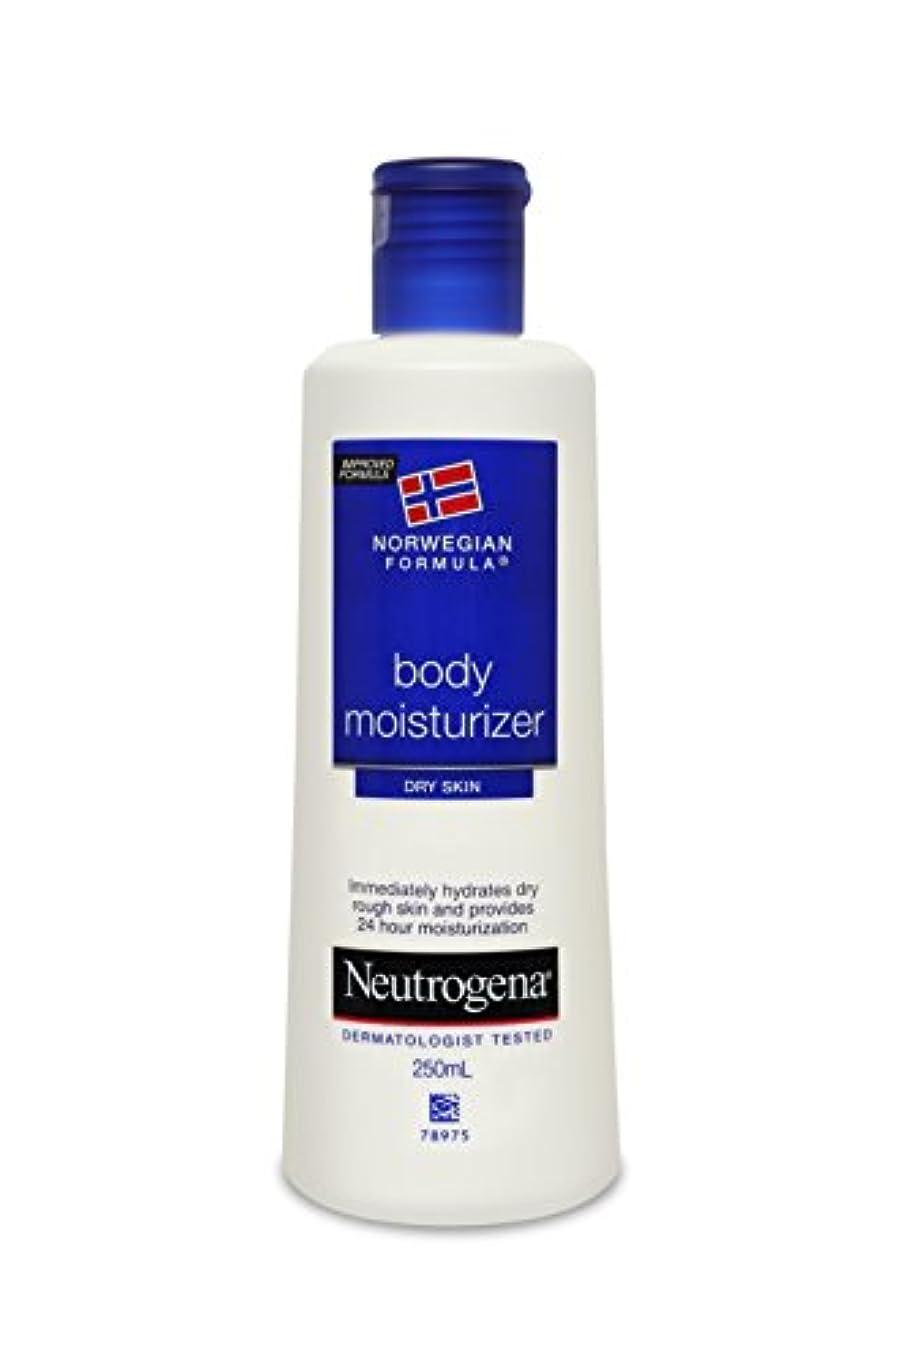 上流の発信車両Neutrogena Norwegian Formula Body Moisturizer (for Dry Skin), 250ml